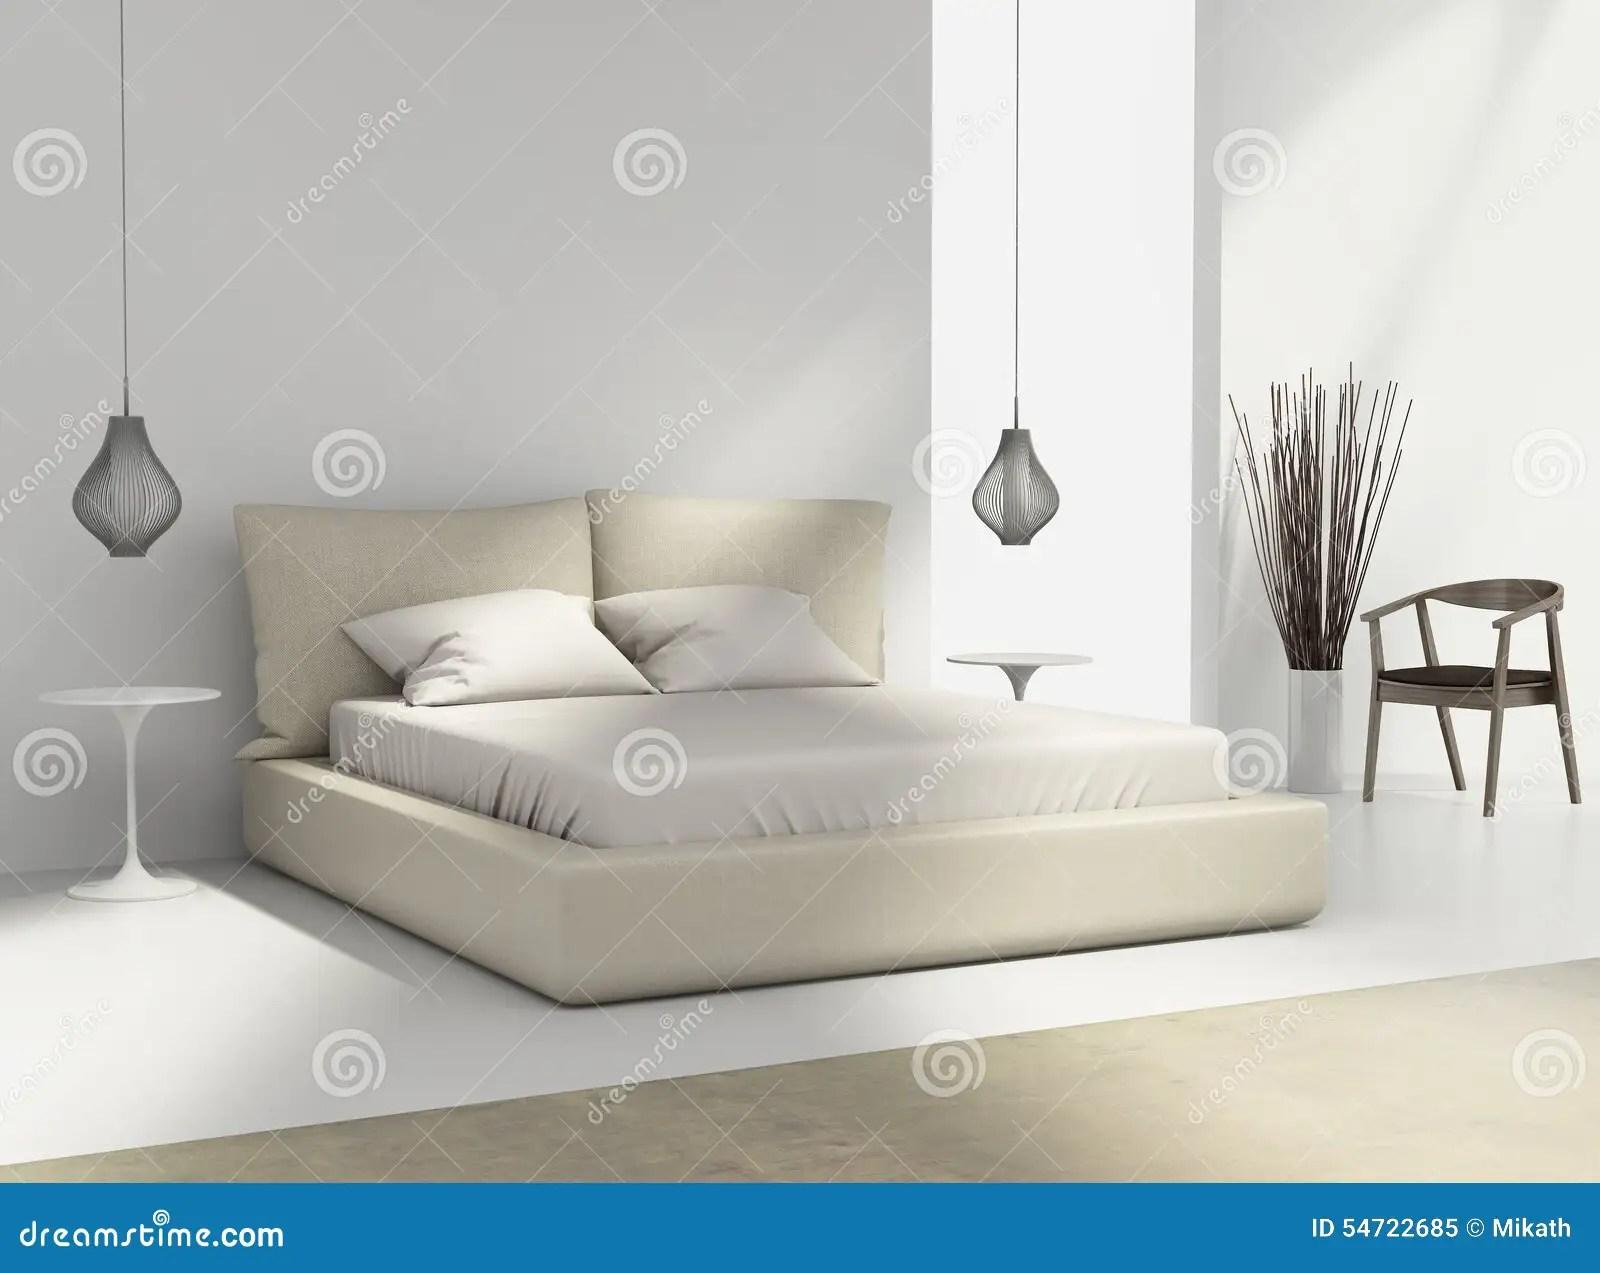 Cameretta Bianca E Beige : Camera da letto moderna bianca camera da letto camera da